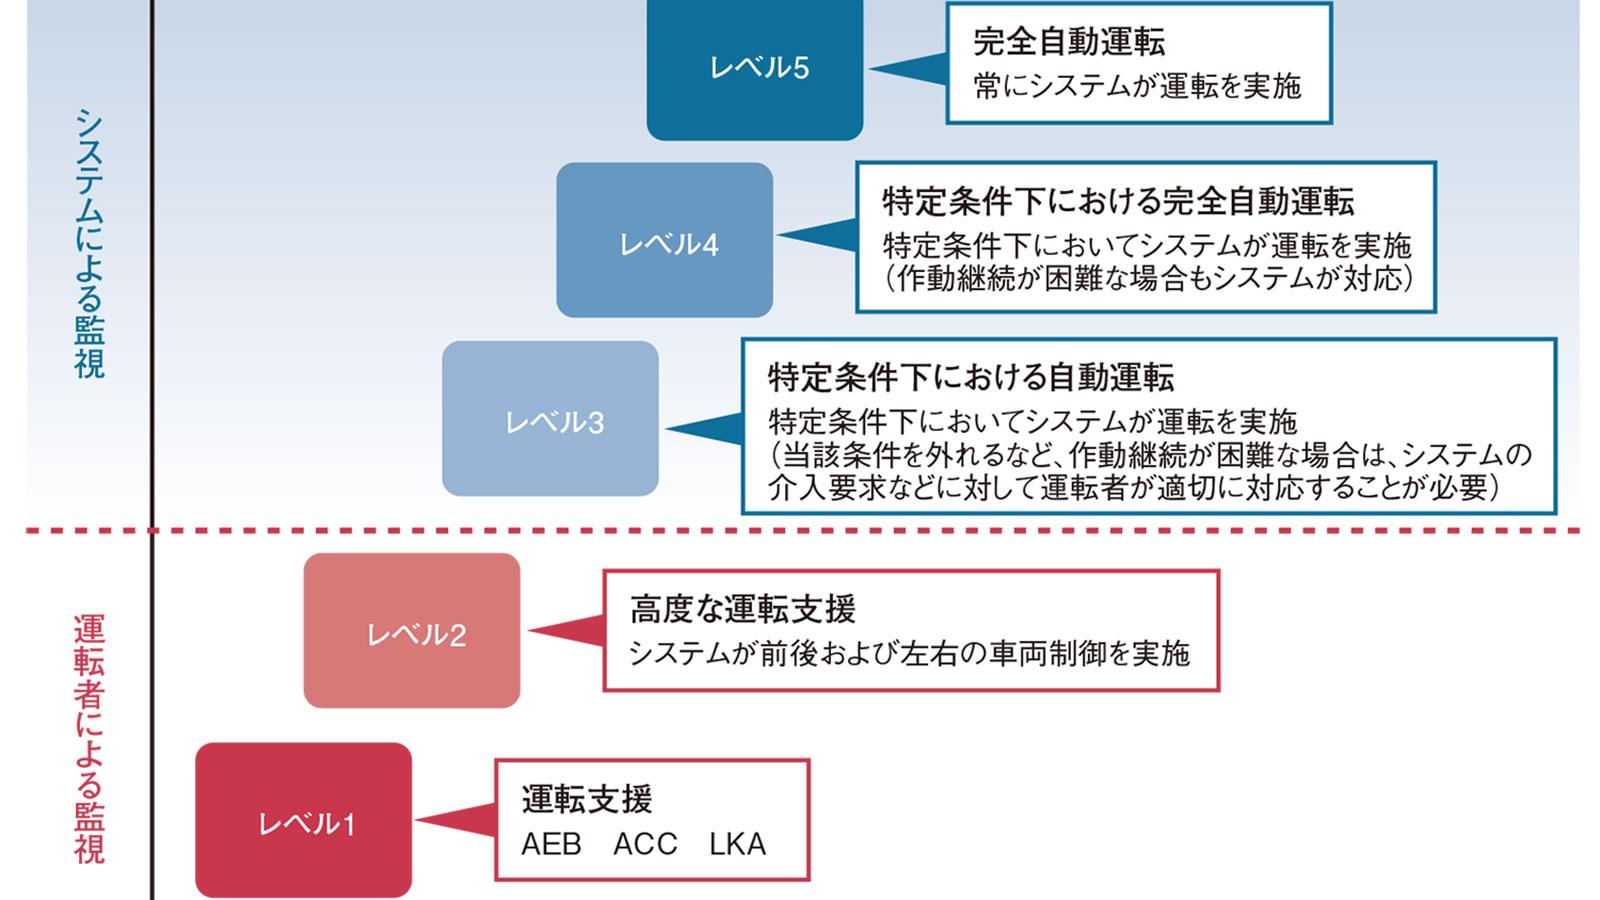 日本で自動運転レベル3が解禁、いざ高速道路へ